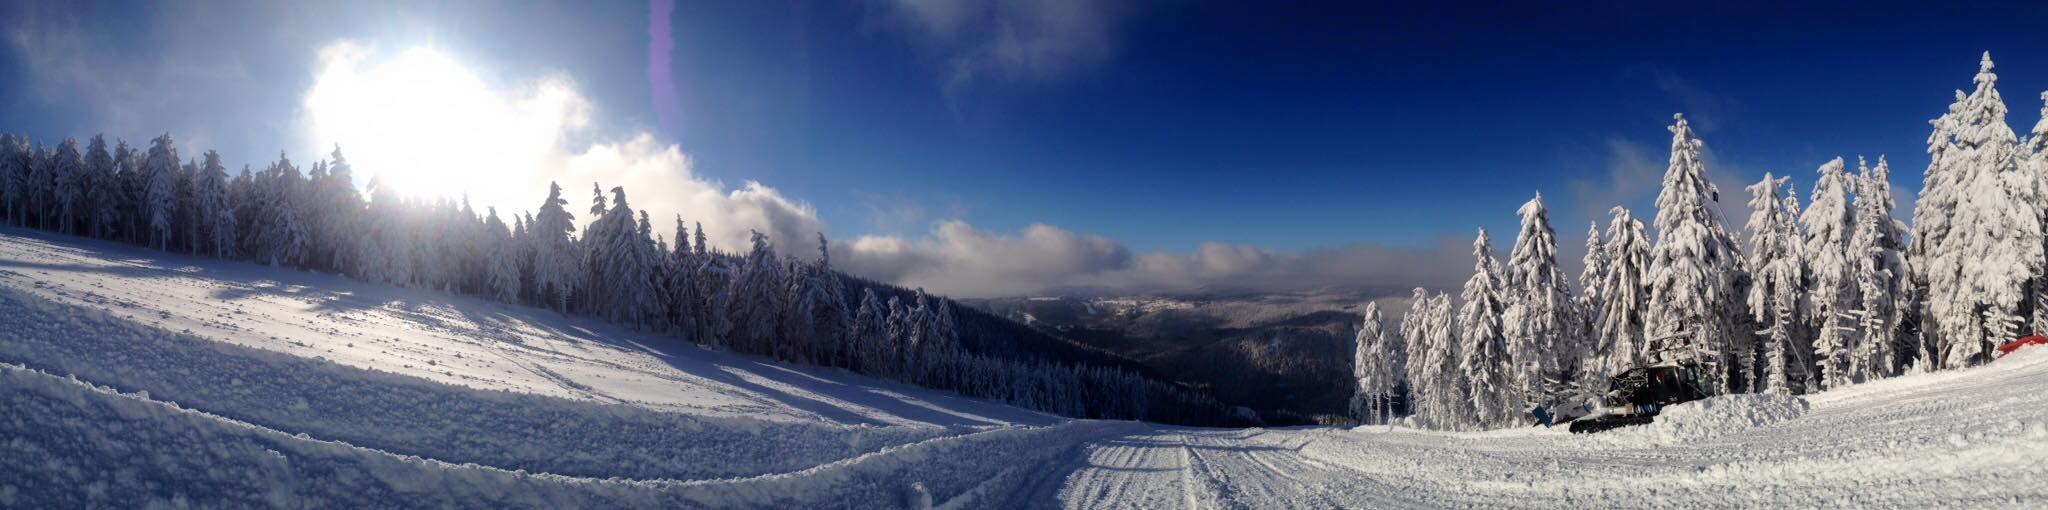 Klínovec, CZE, 21.1.2016 - ©facebook Klínovec